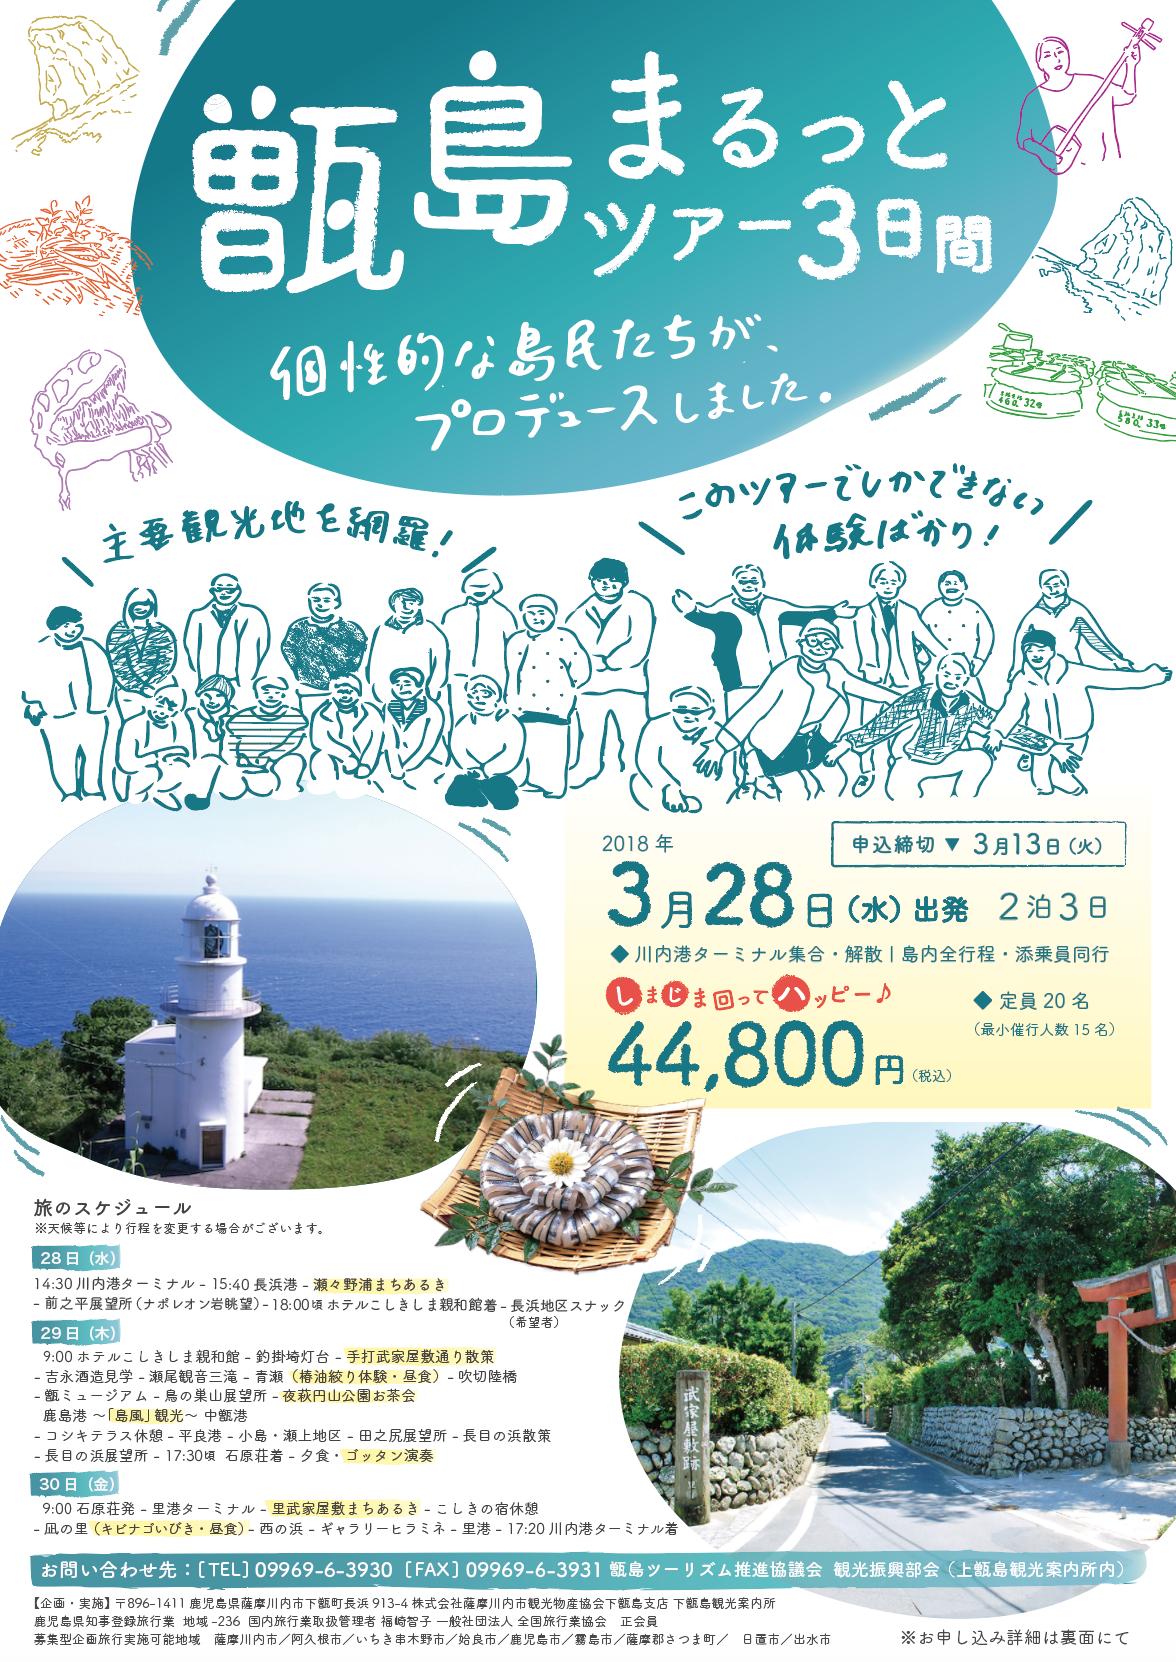 甑島まるっとツアー3日間 3月28日(水)~30日(金)